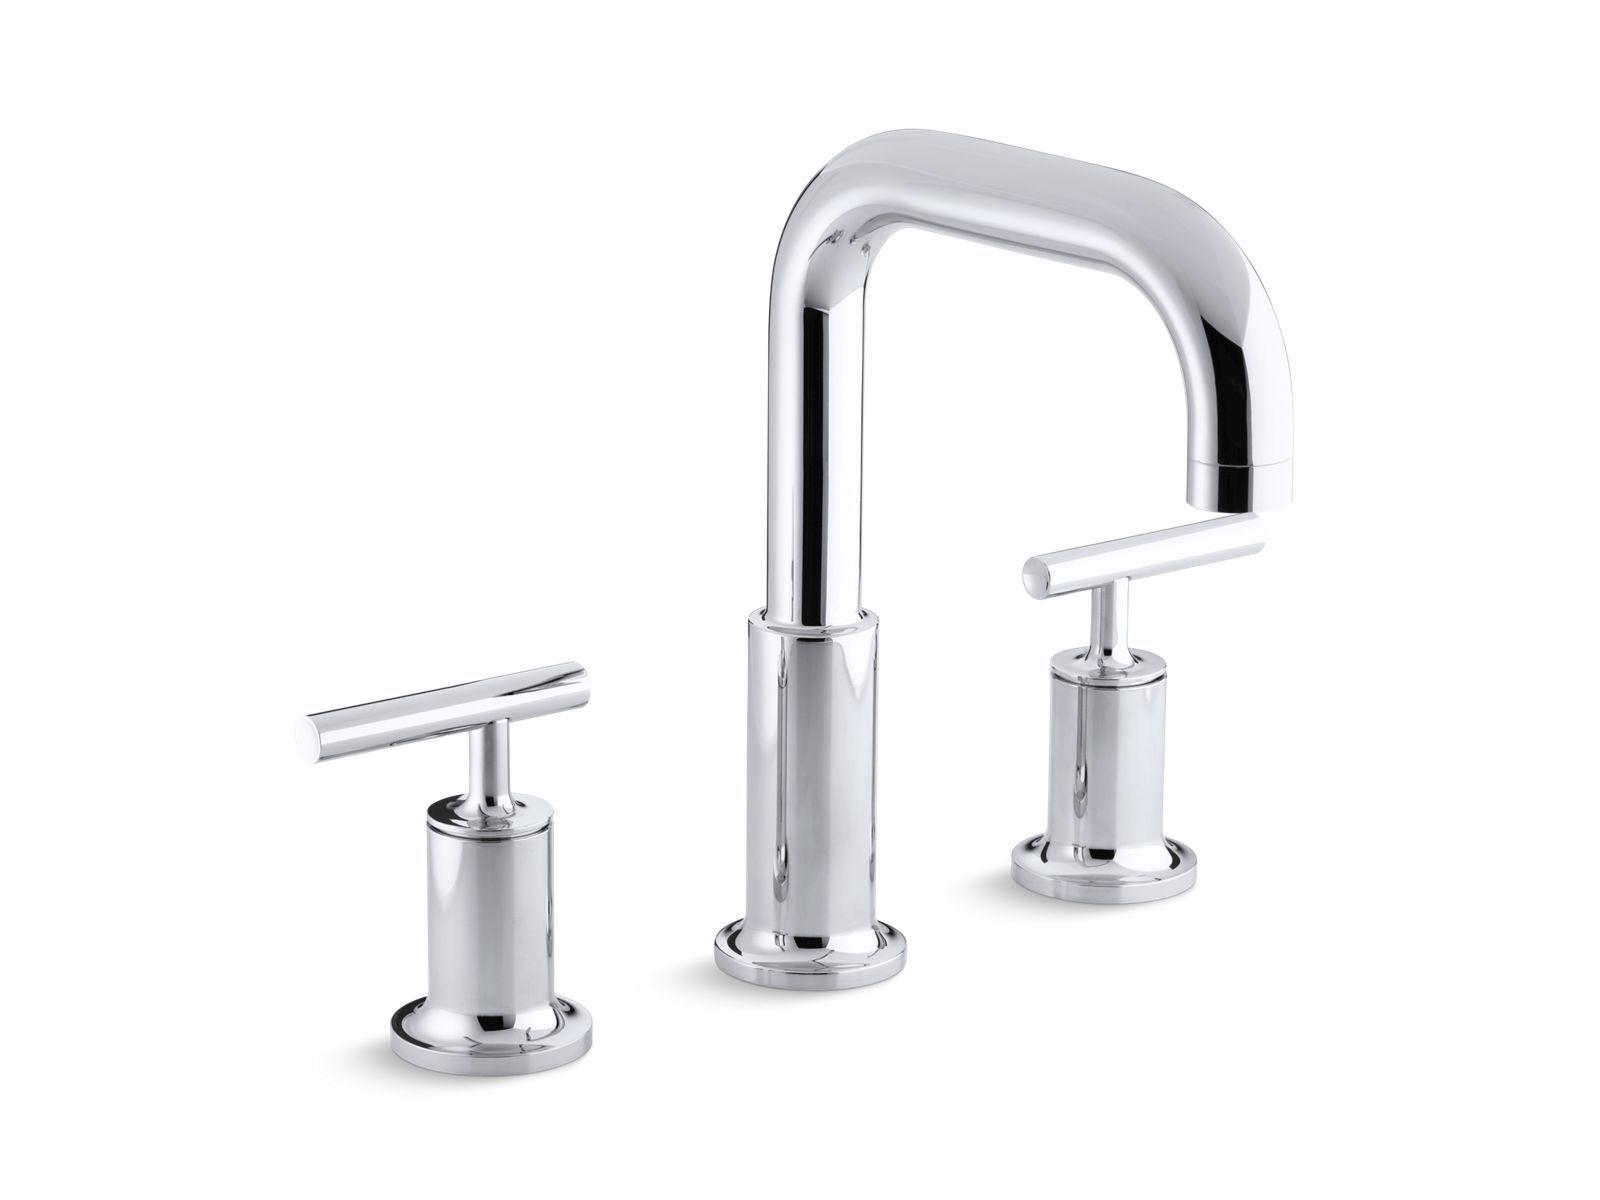 The K T14428 4 Bath Faucet Trim Includes A Gooseneck Spout And Two